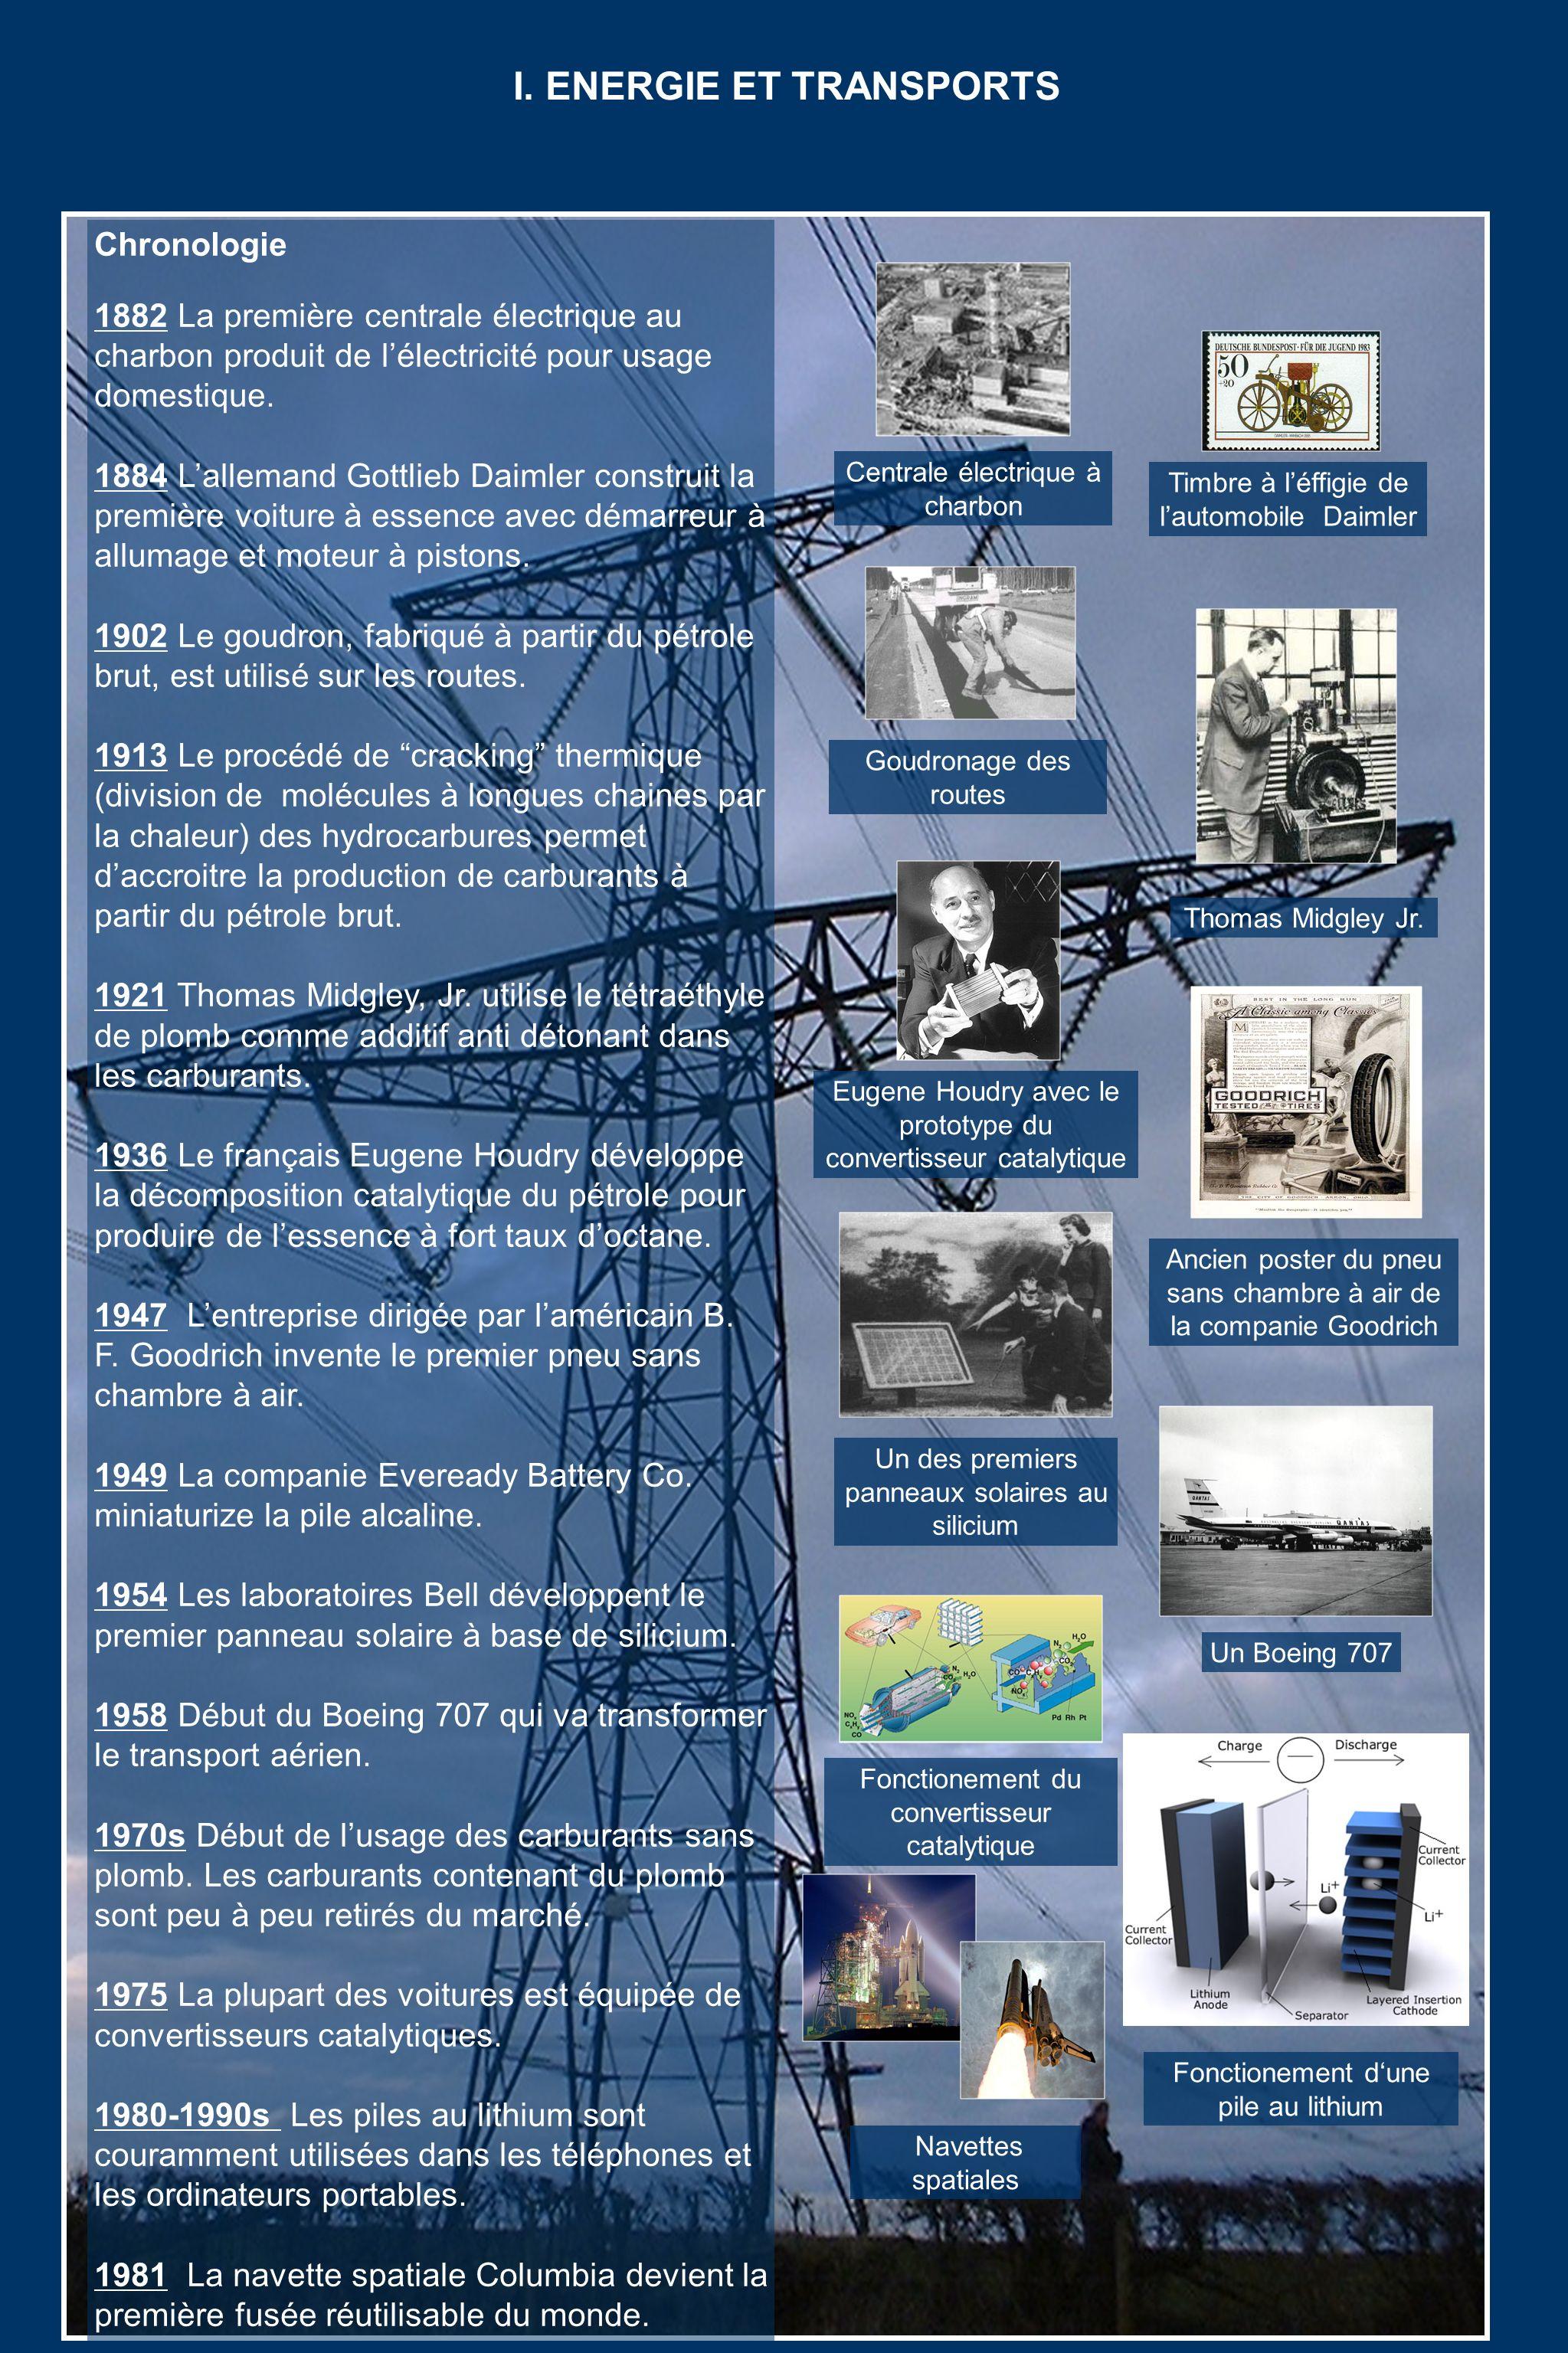 Chronologie 1882 La première centrale électrique au charbon produit de lélectricité pour usage domestique.